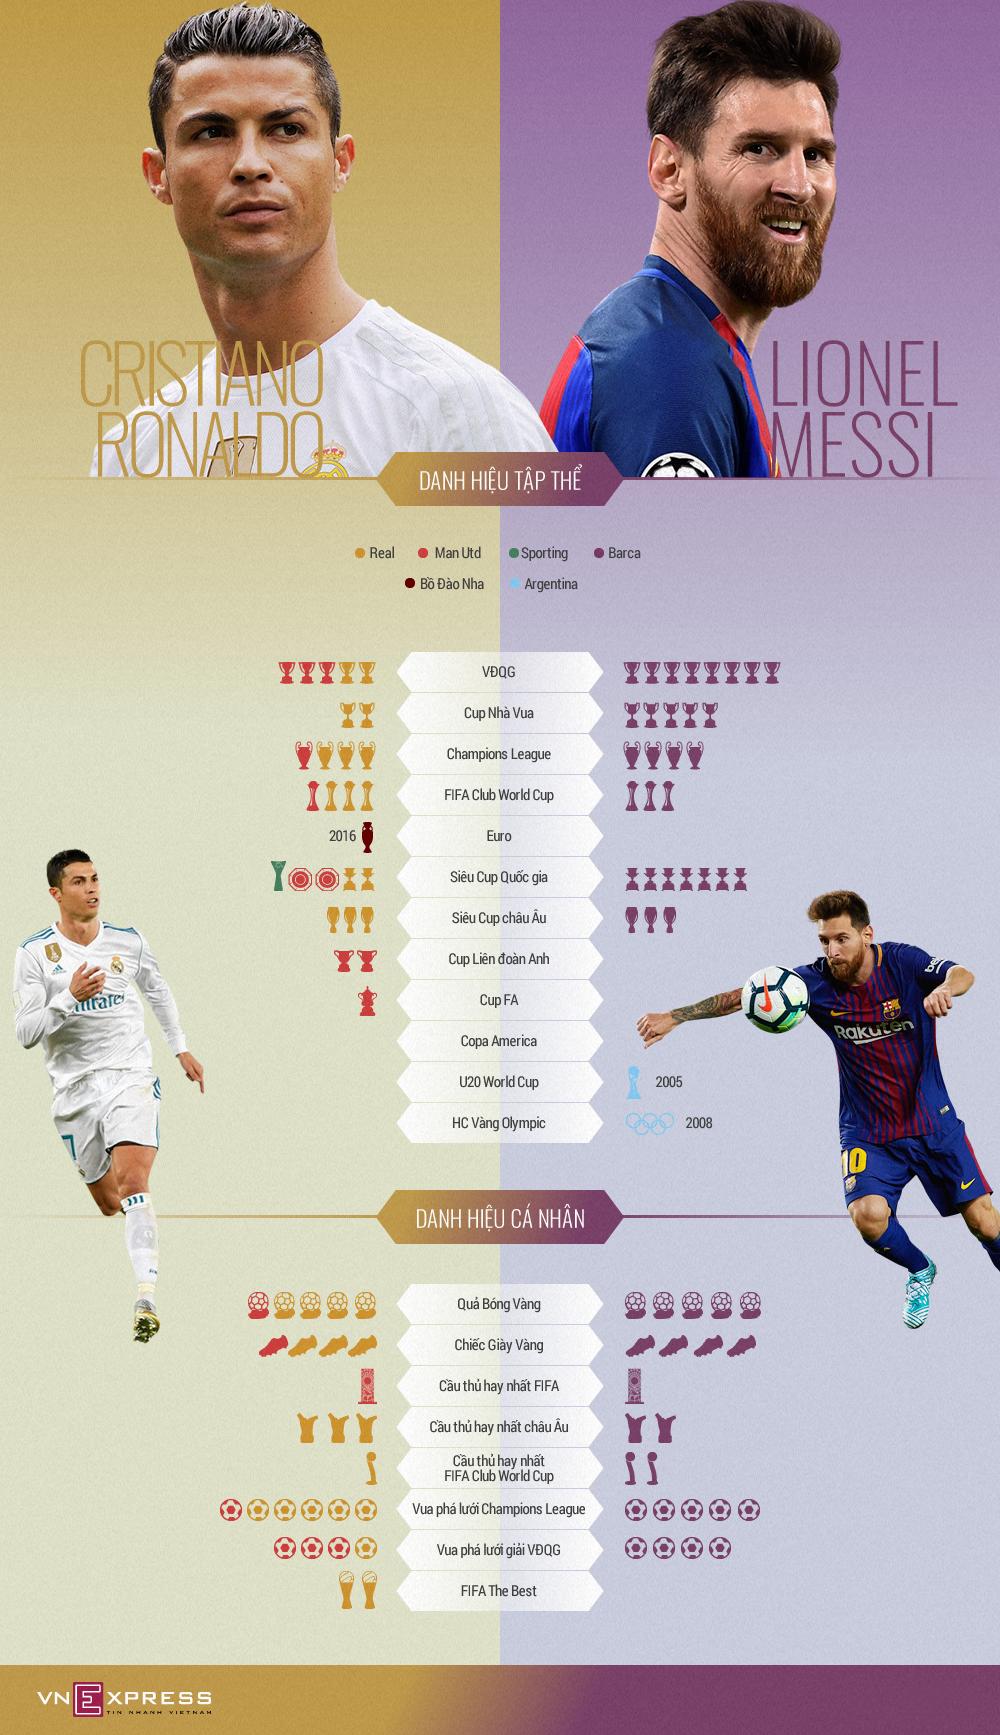 Kho tàng danh hiệu của Ronaldo và Messi lớn thế nào